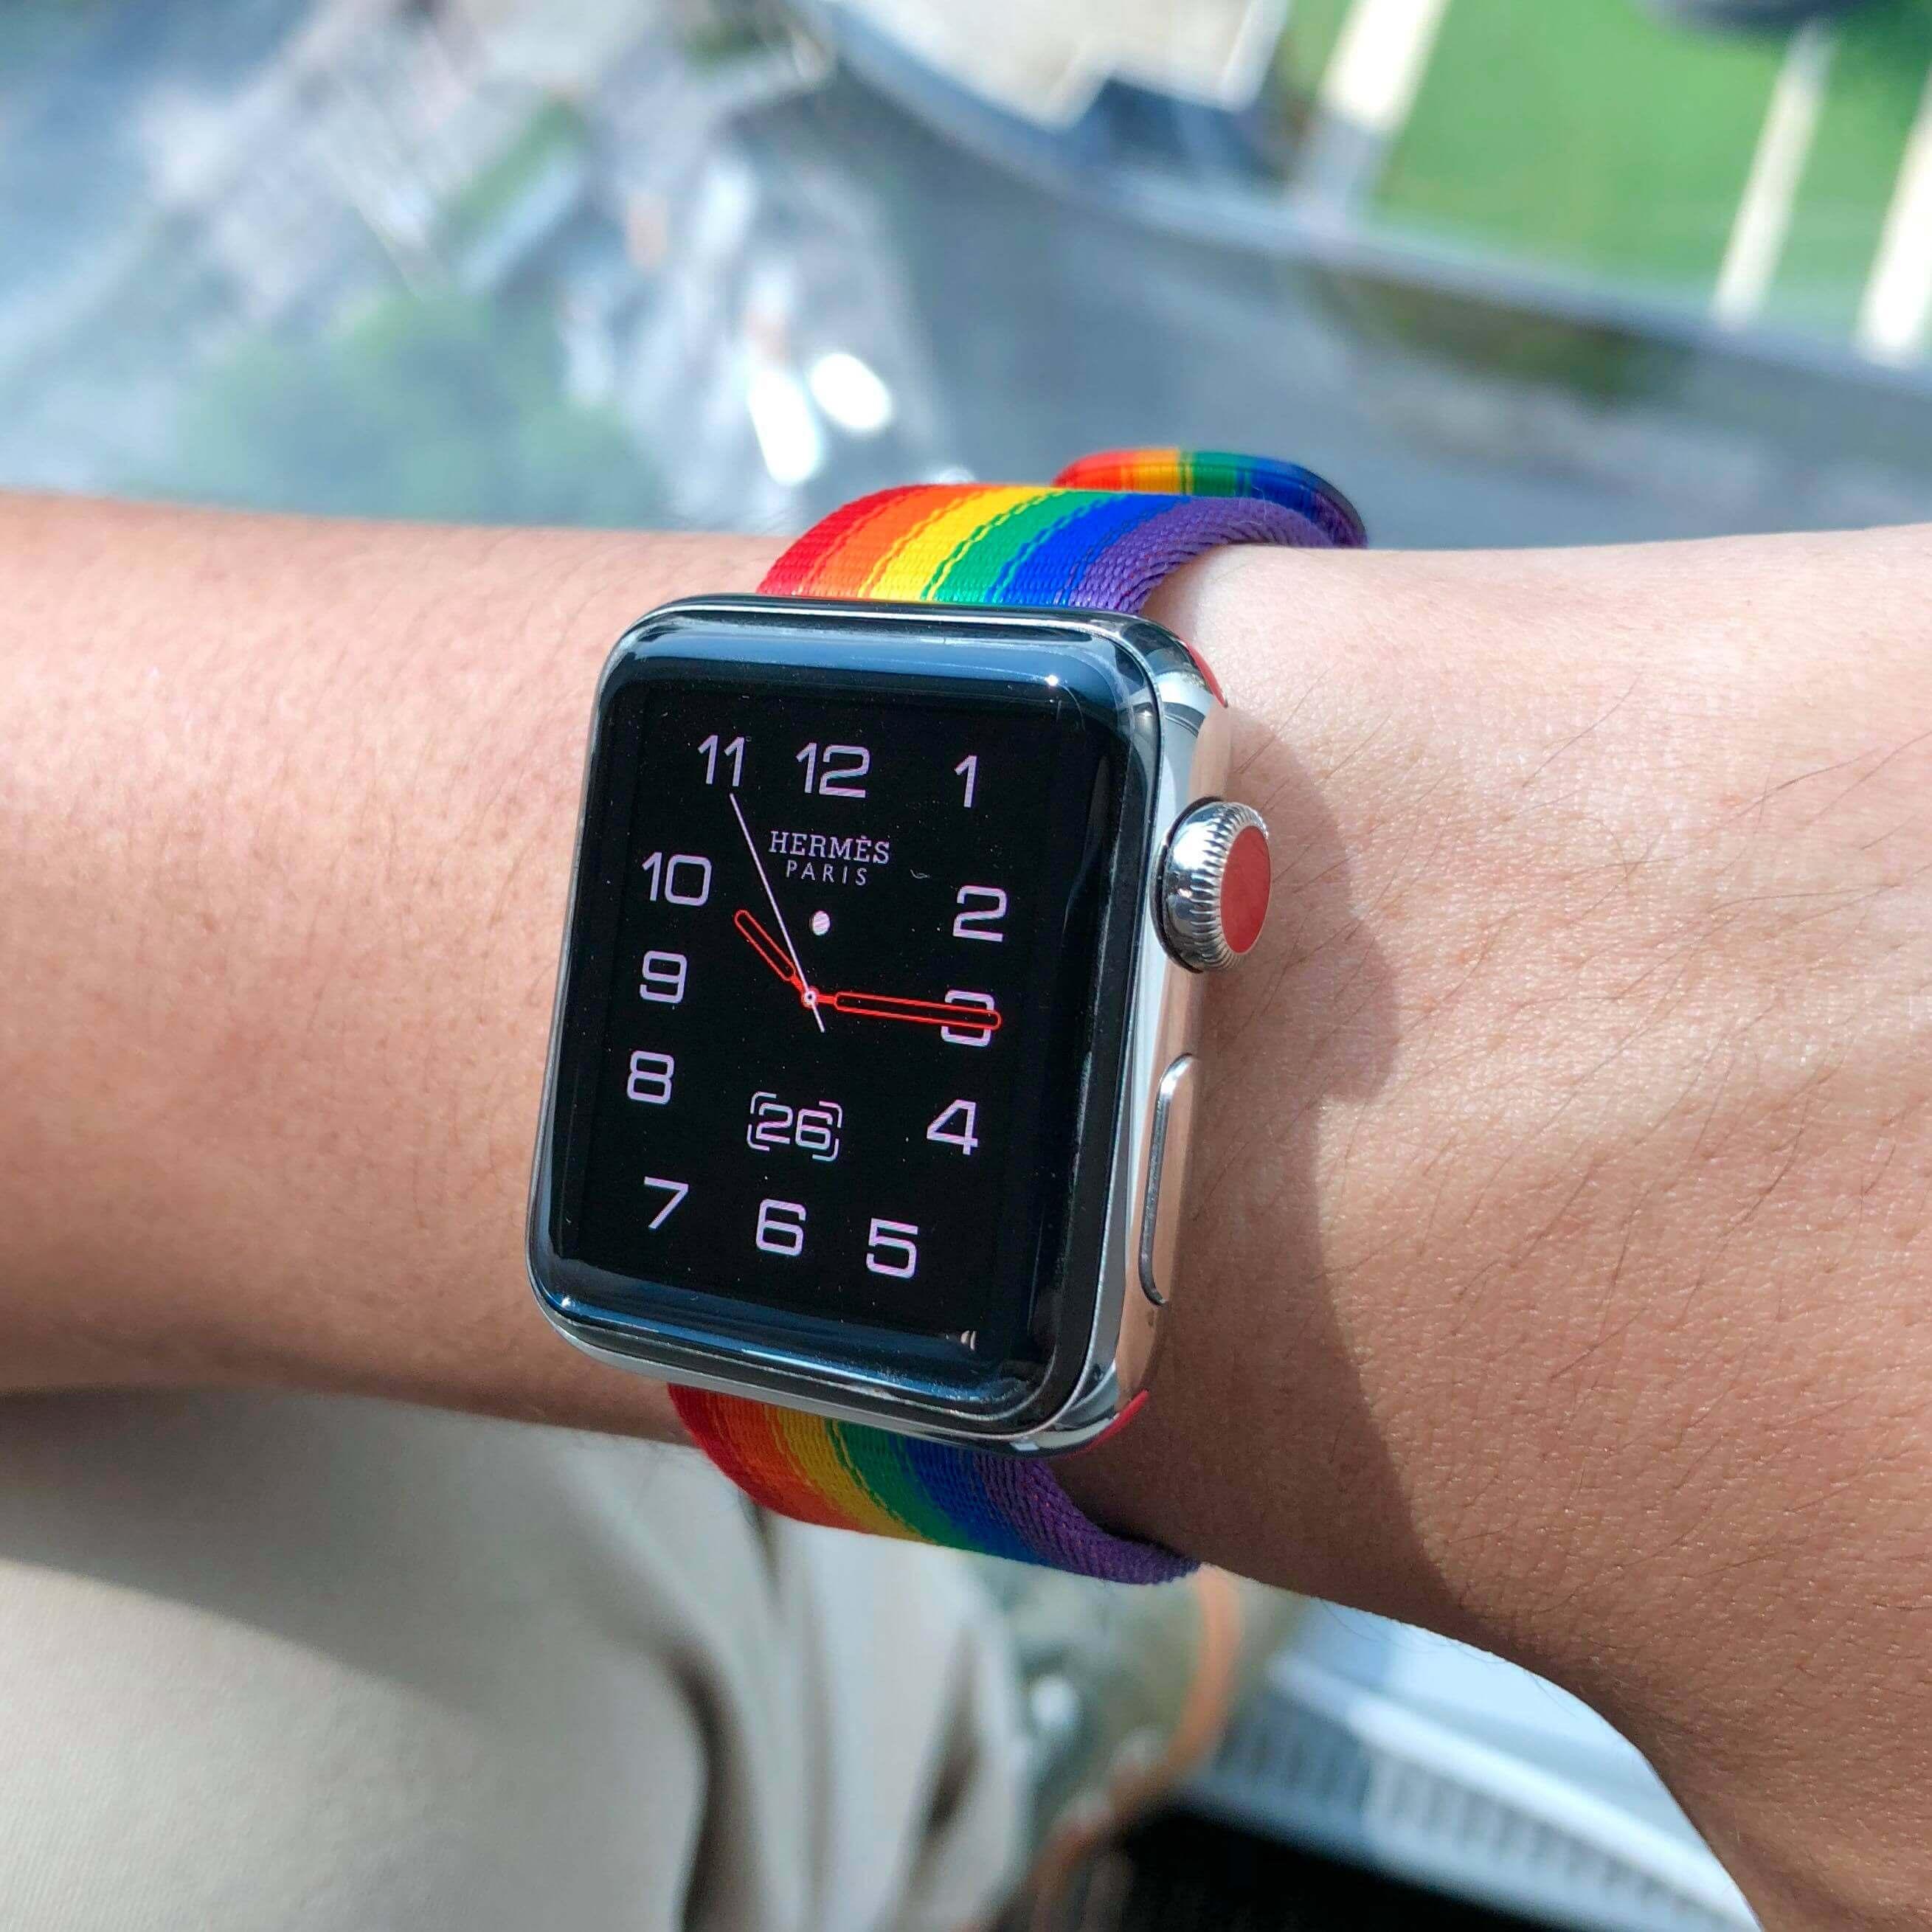 รีวิว Apple Watch LTE นาฬิกาแอปเปิ้ลใหม่ใส่ซิม โทรได้แม้ไร้ iPhone 19 - Smart Home